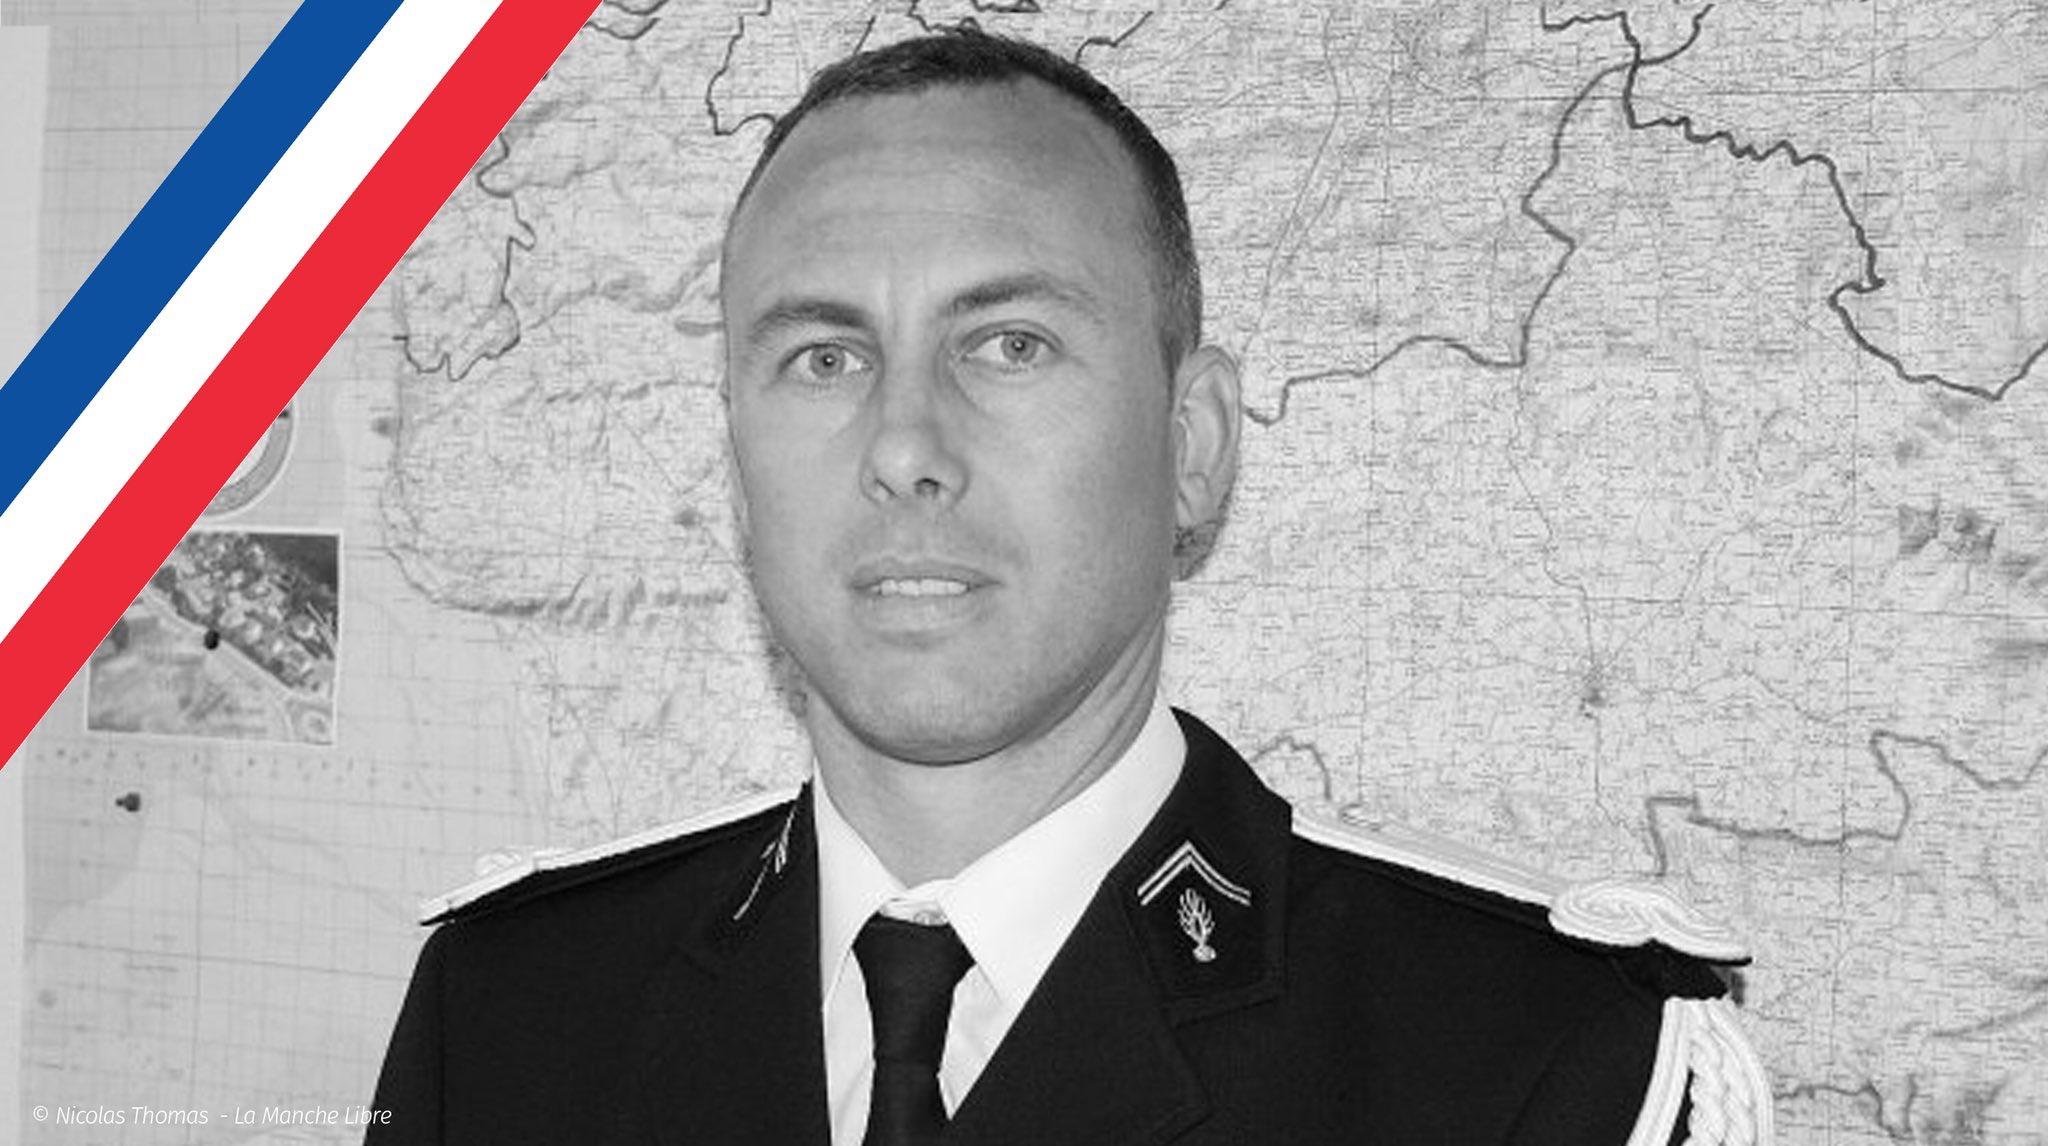 Attaques terroristes dans l'Aude (France) : le lieutenant-colonel Arnaud Beltrame est mort